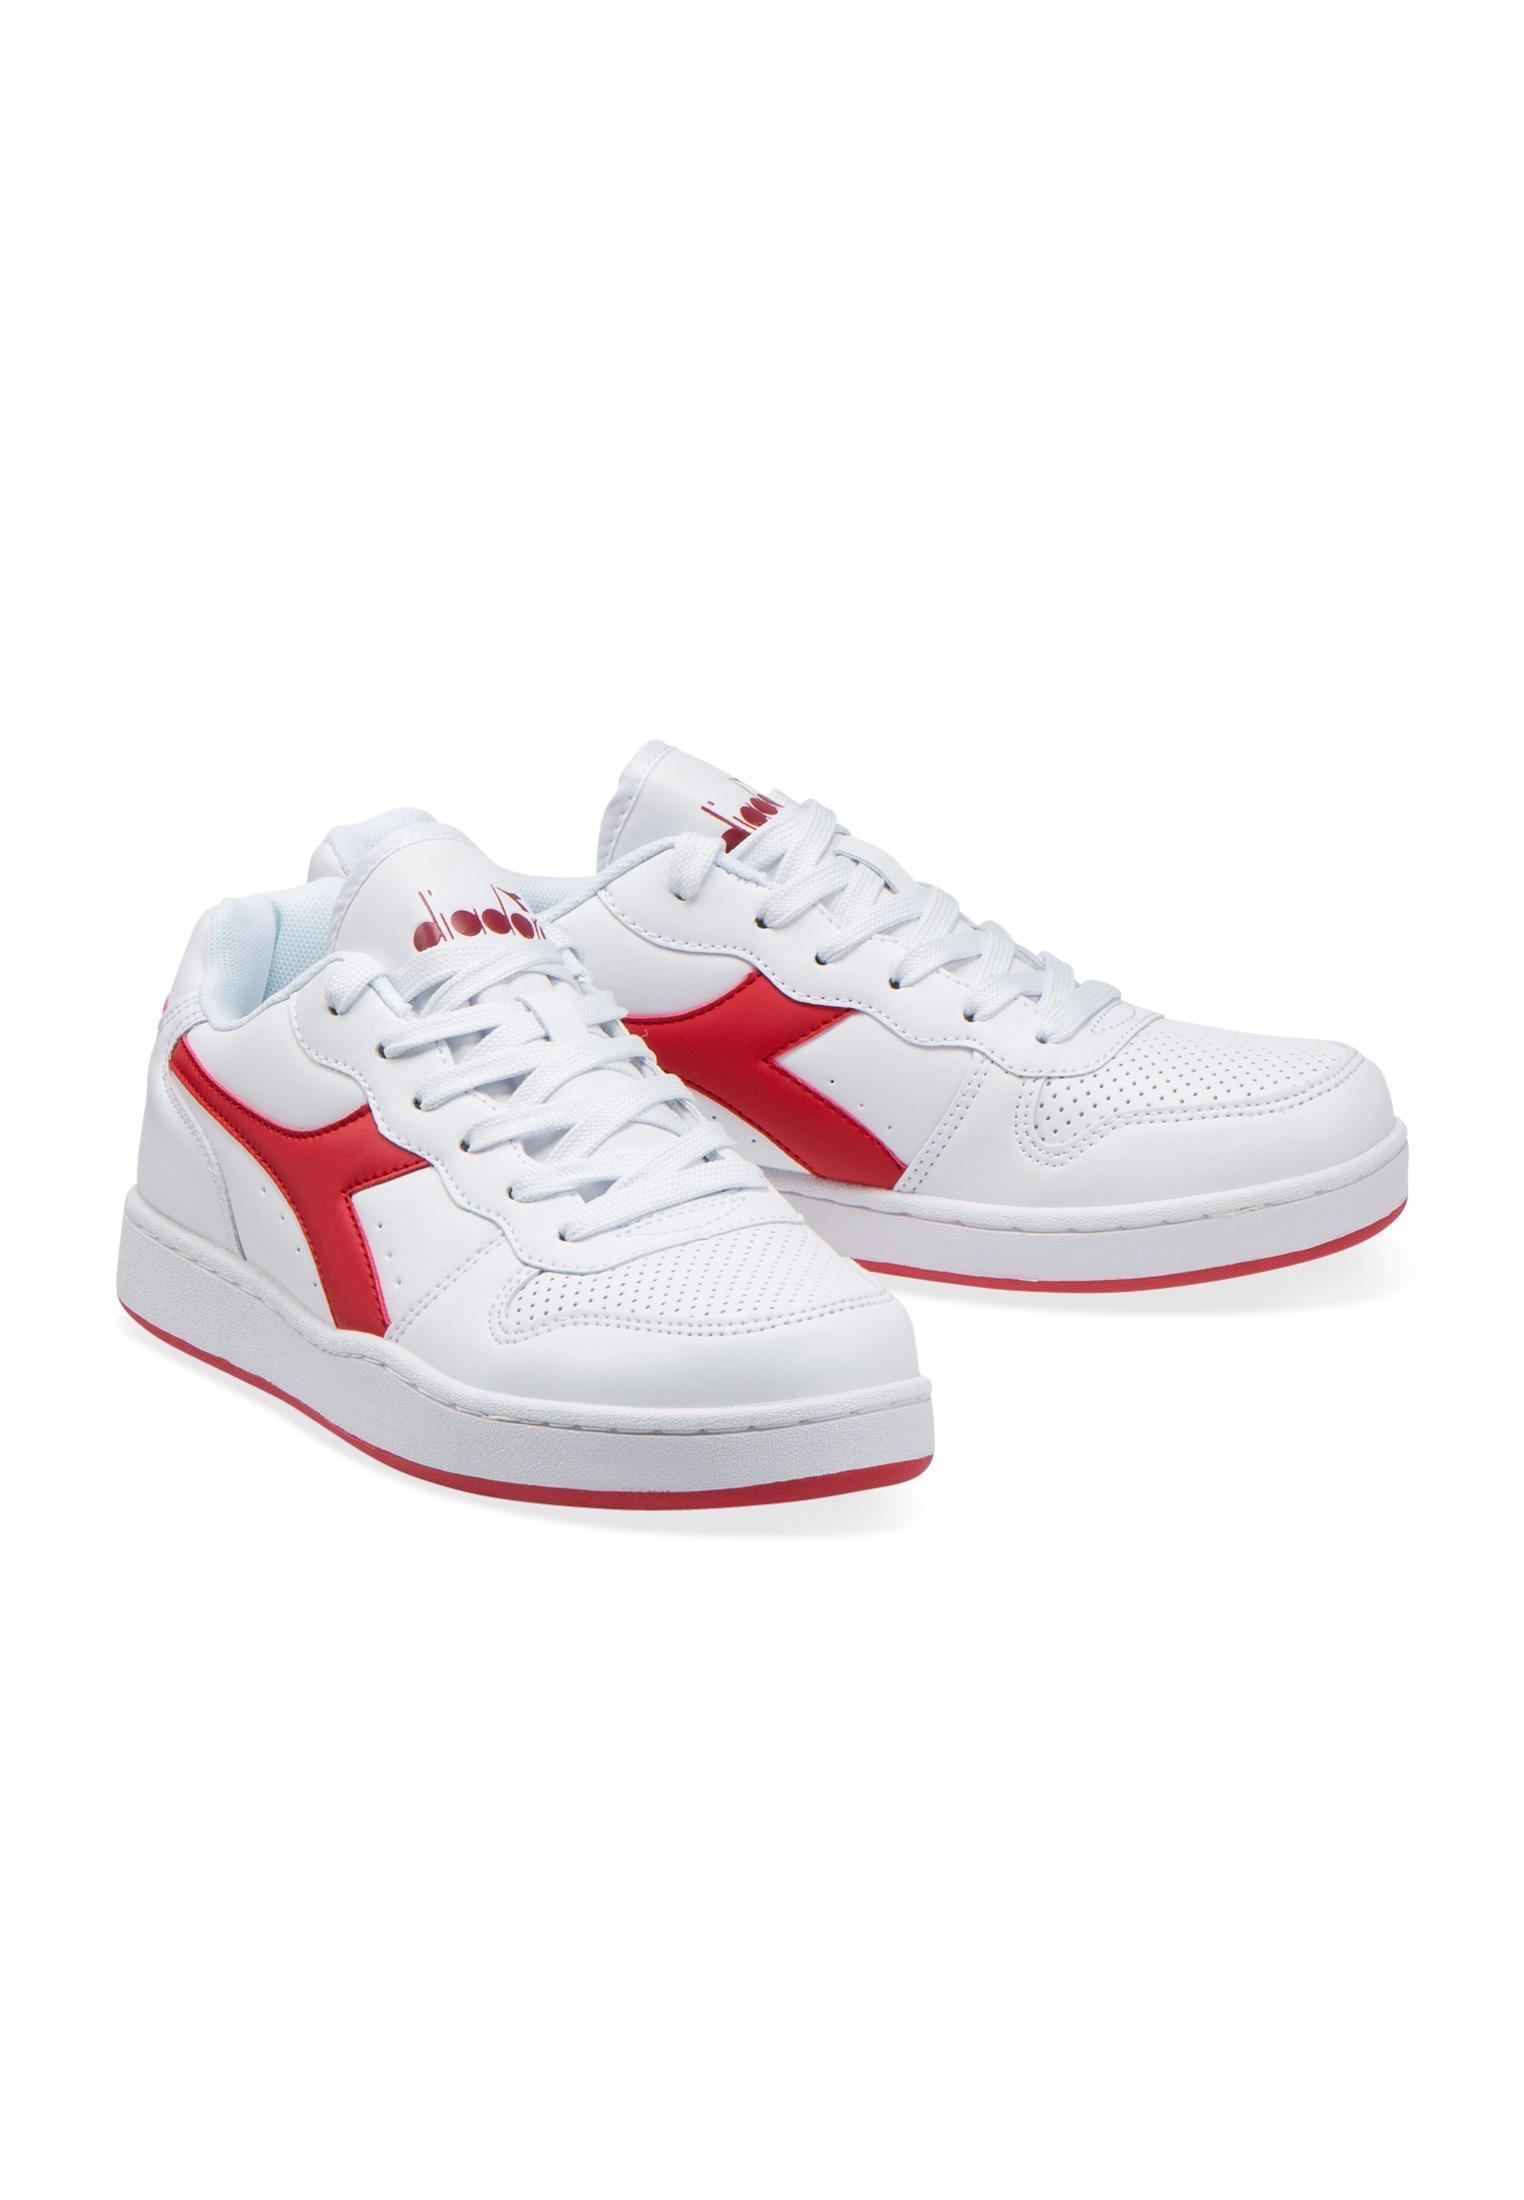 Scarpe-Diadora-Playground-Sneakers-sportive-uomo-donna-vari-colori-piu-taglie miniatura 17